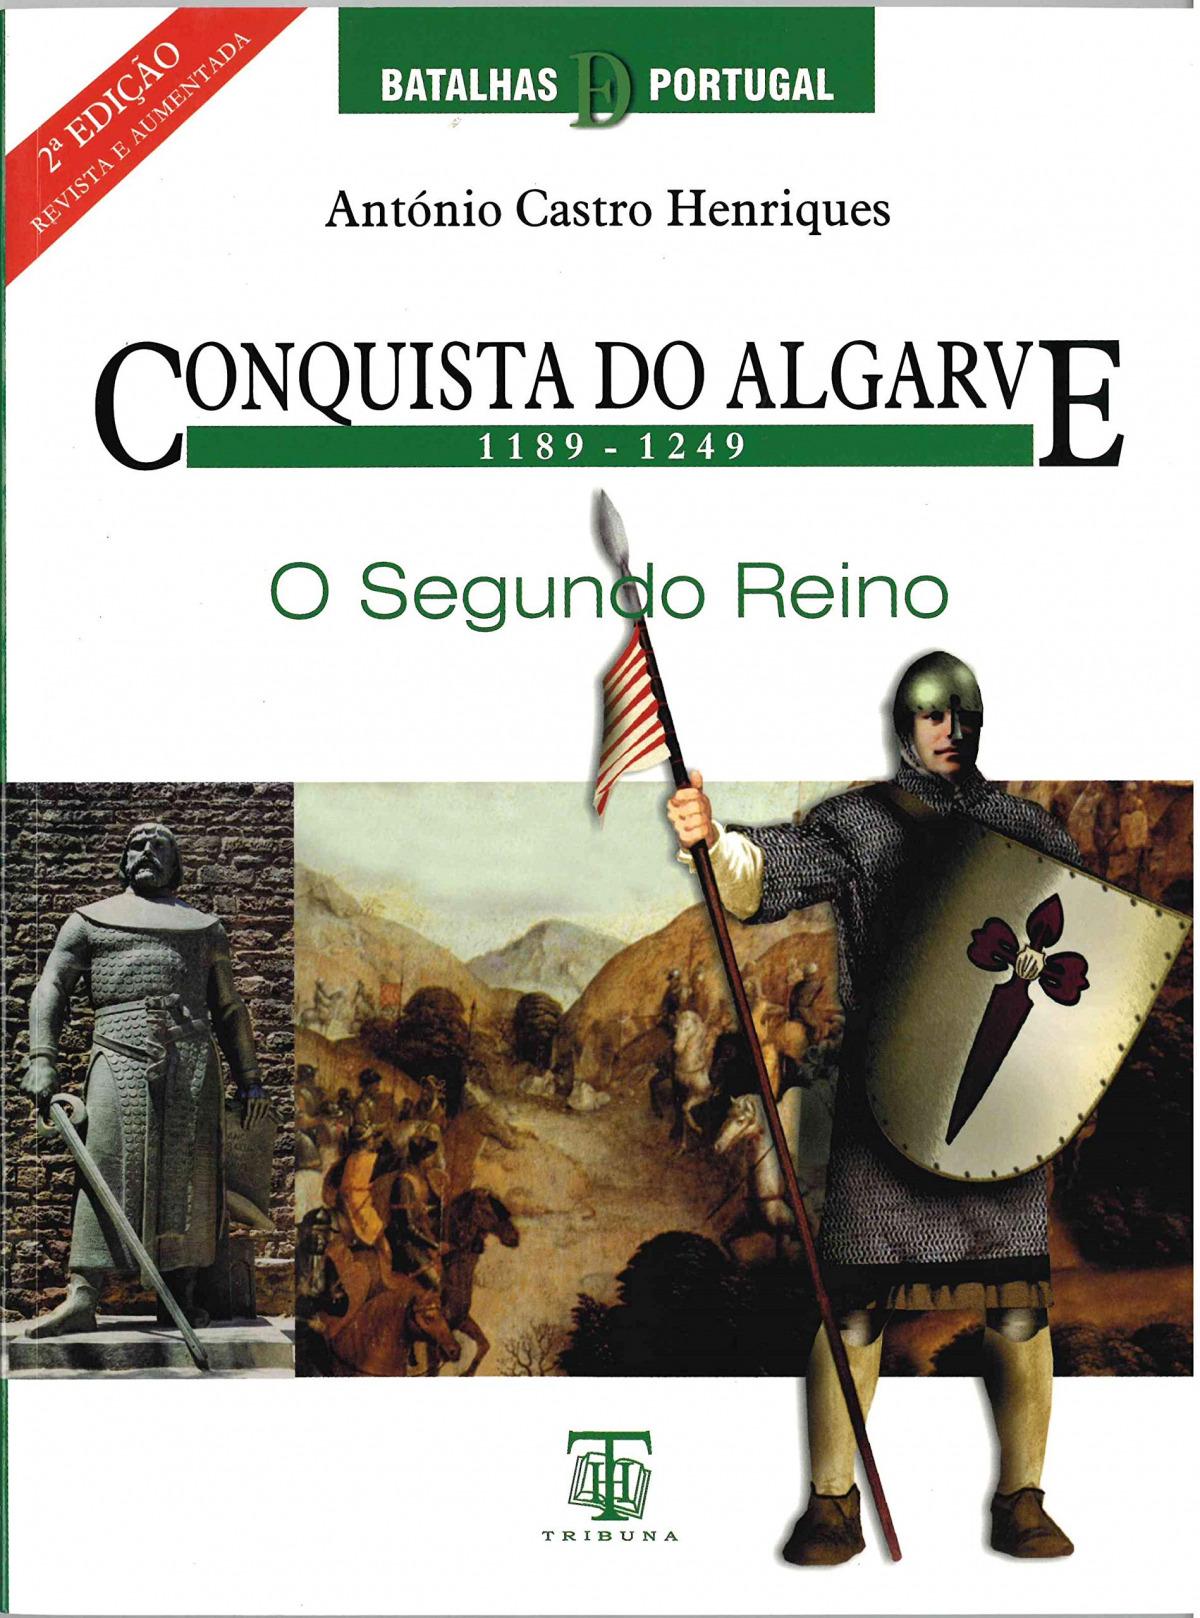 Conquista do Algarve 9789728799052